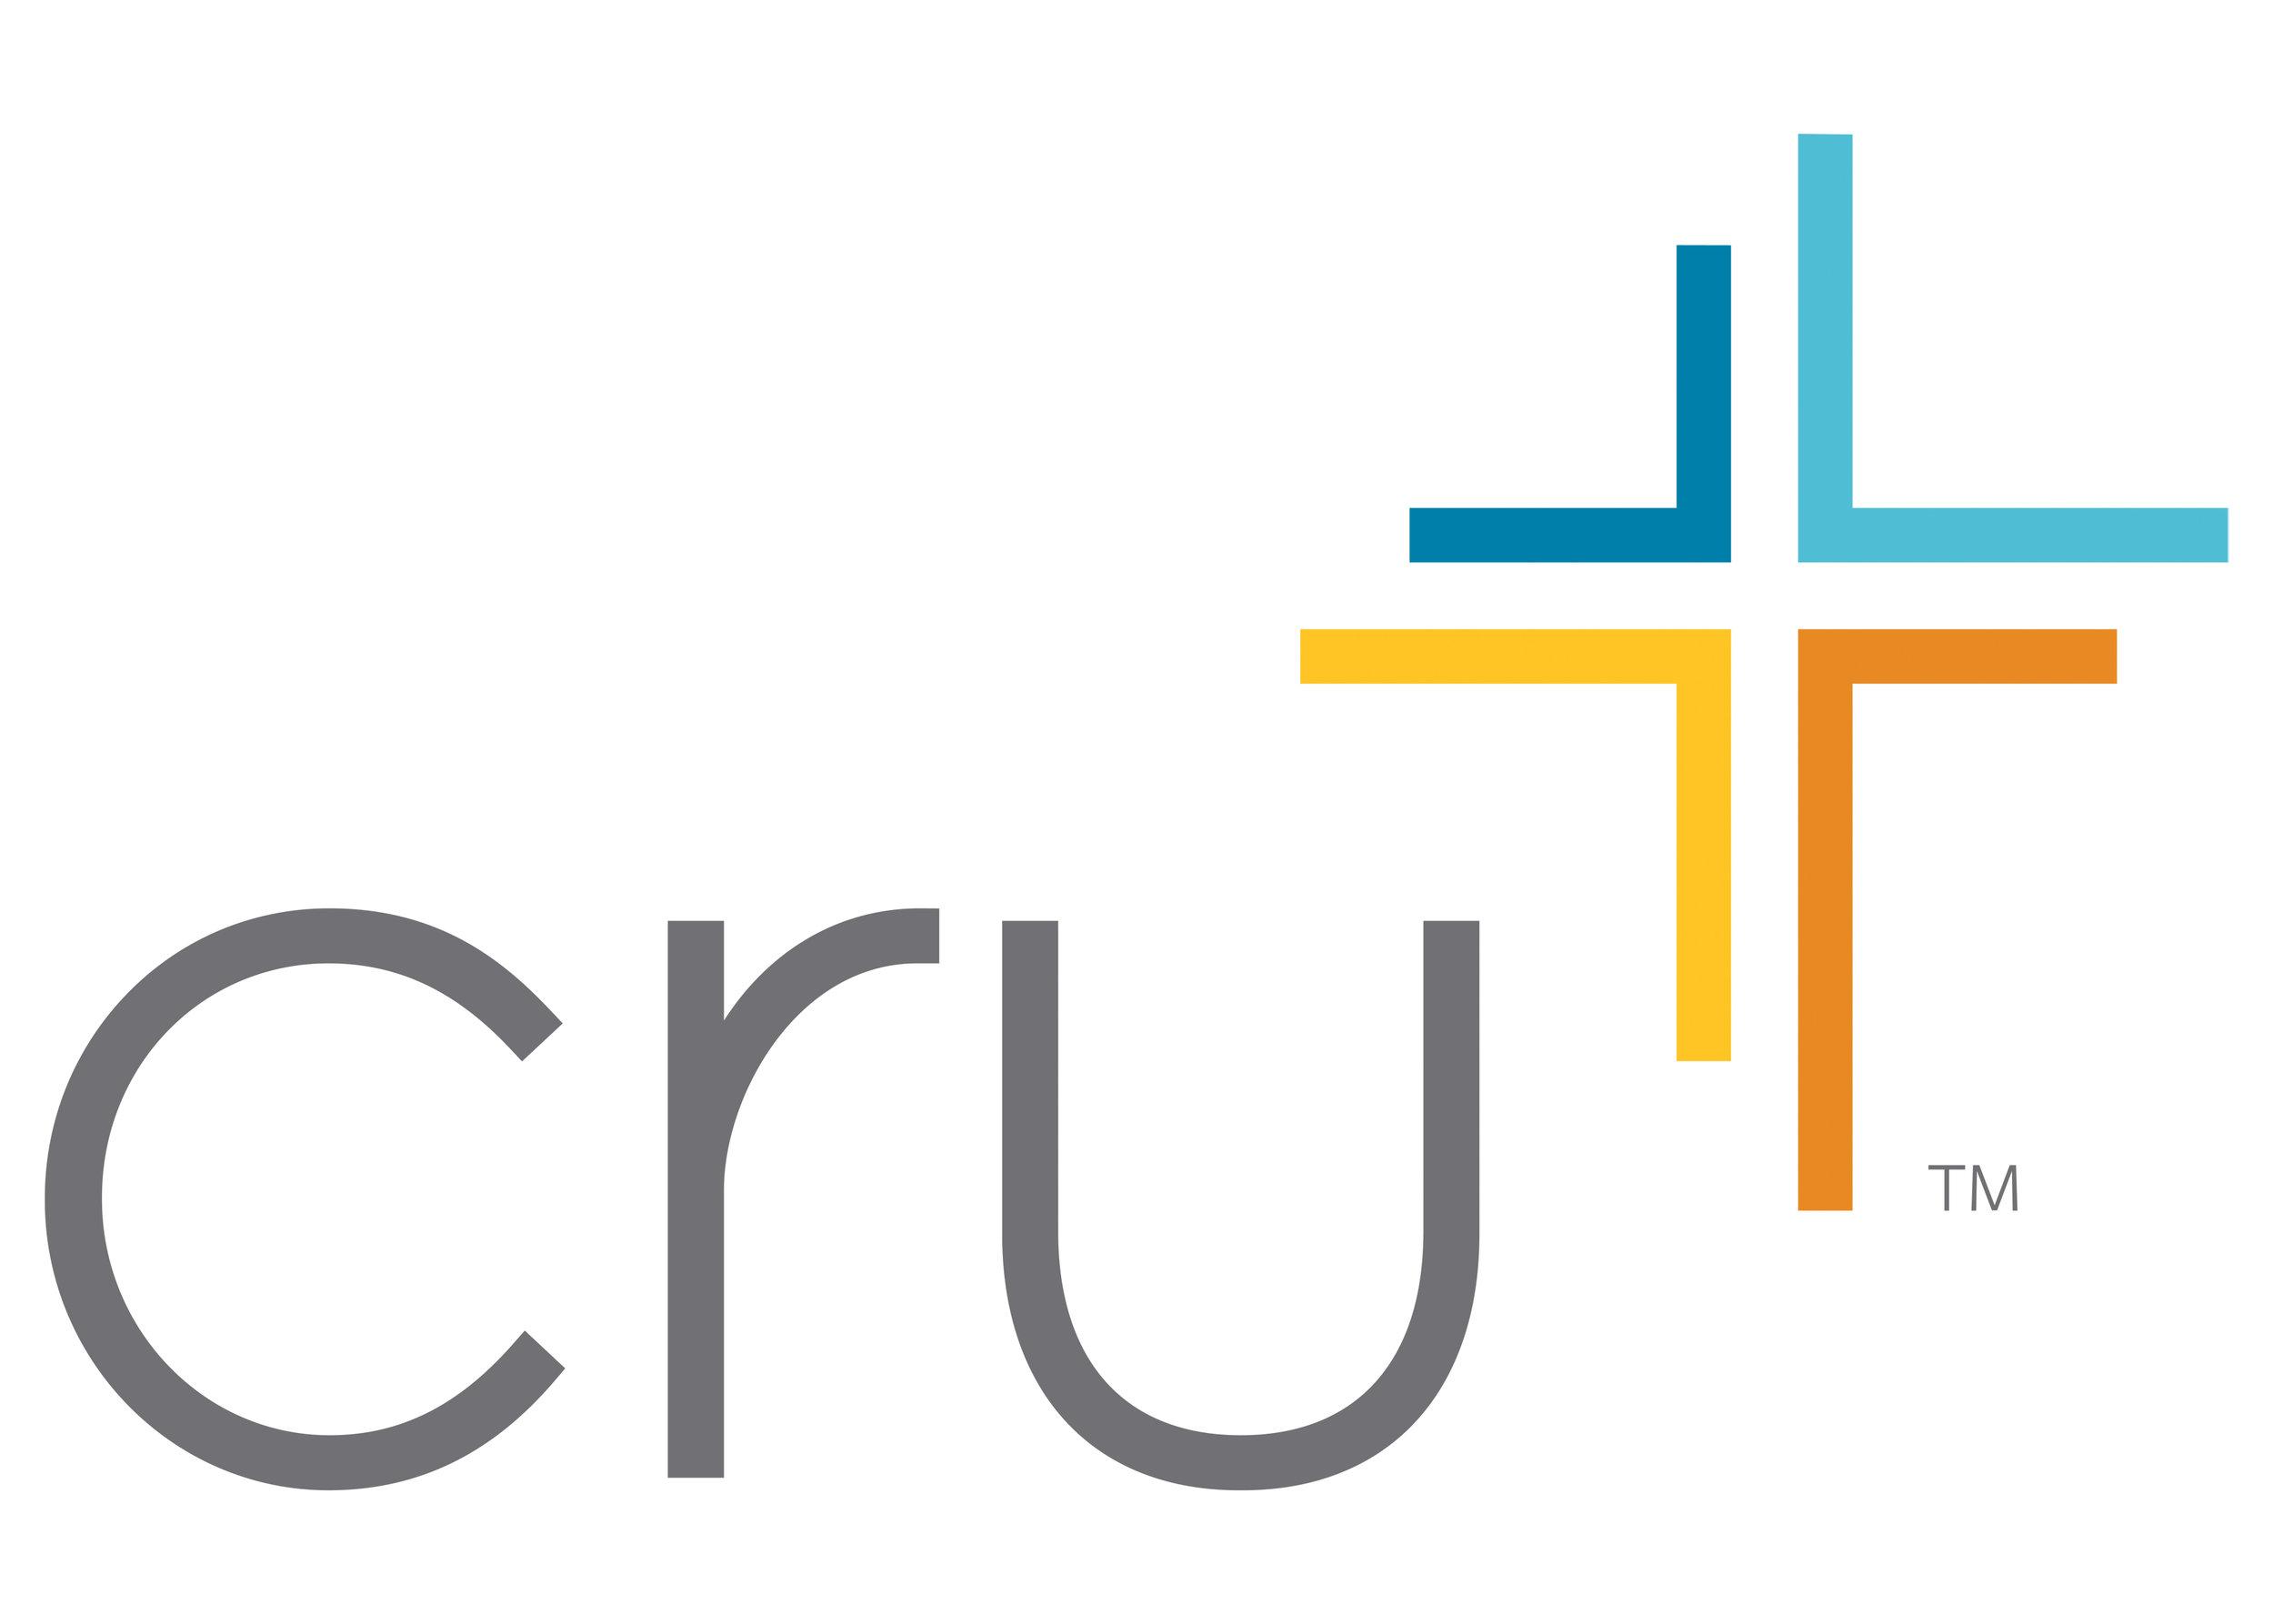 cru_logo_screen.jpg